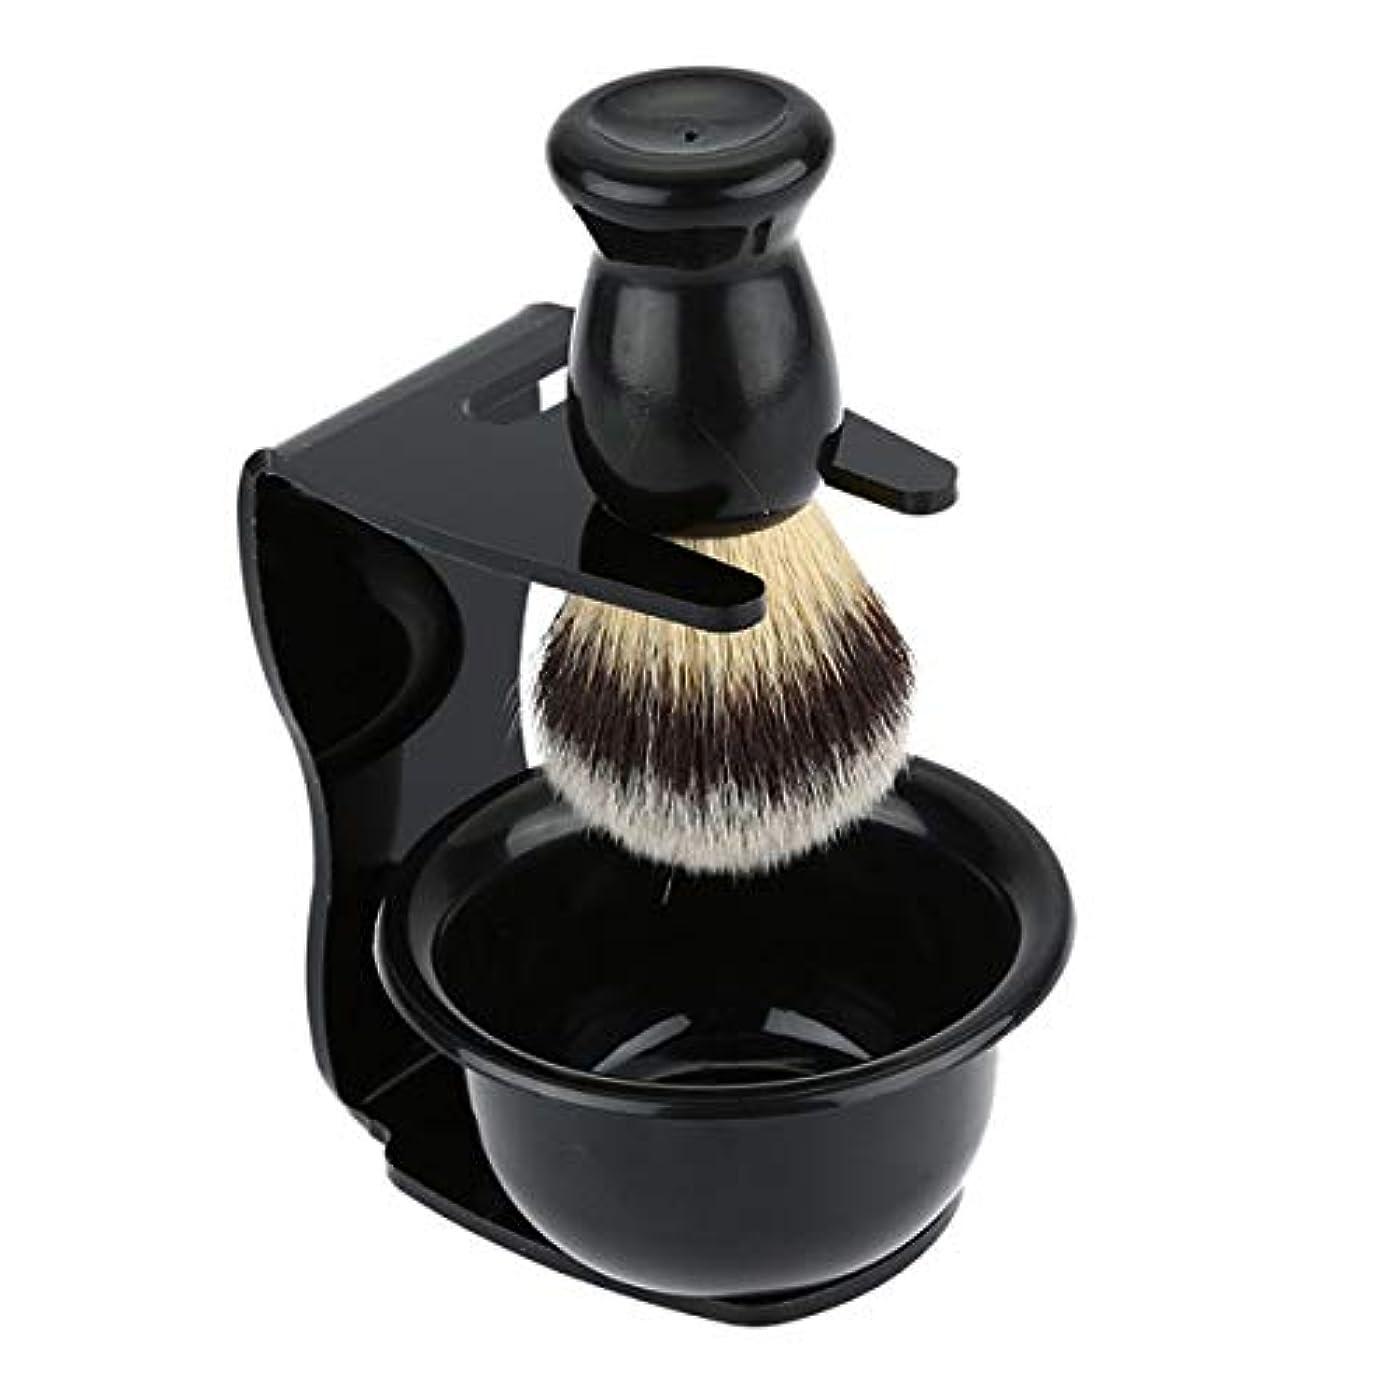 基本的な筋有彩色のOUNONA ナイロンシェービングカミソリブラシアクリルスタンドと洗面化粧石鹸ボウルセット